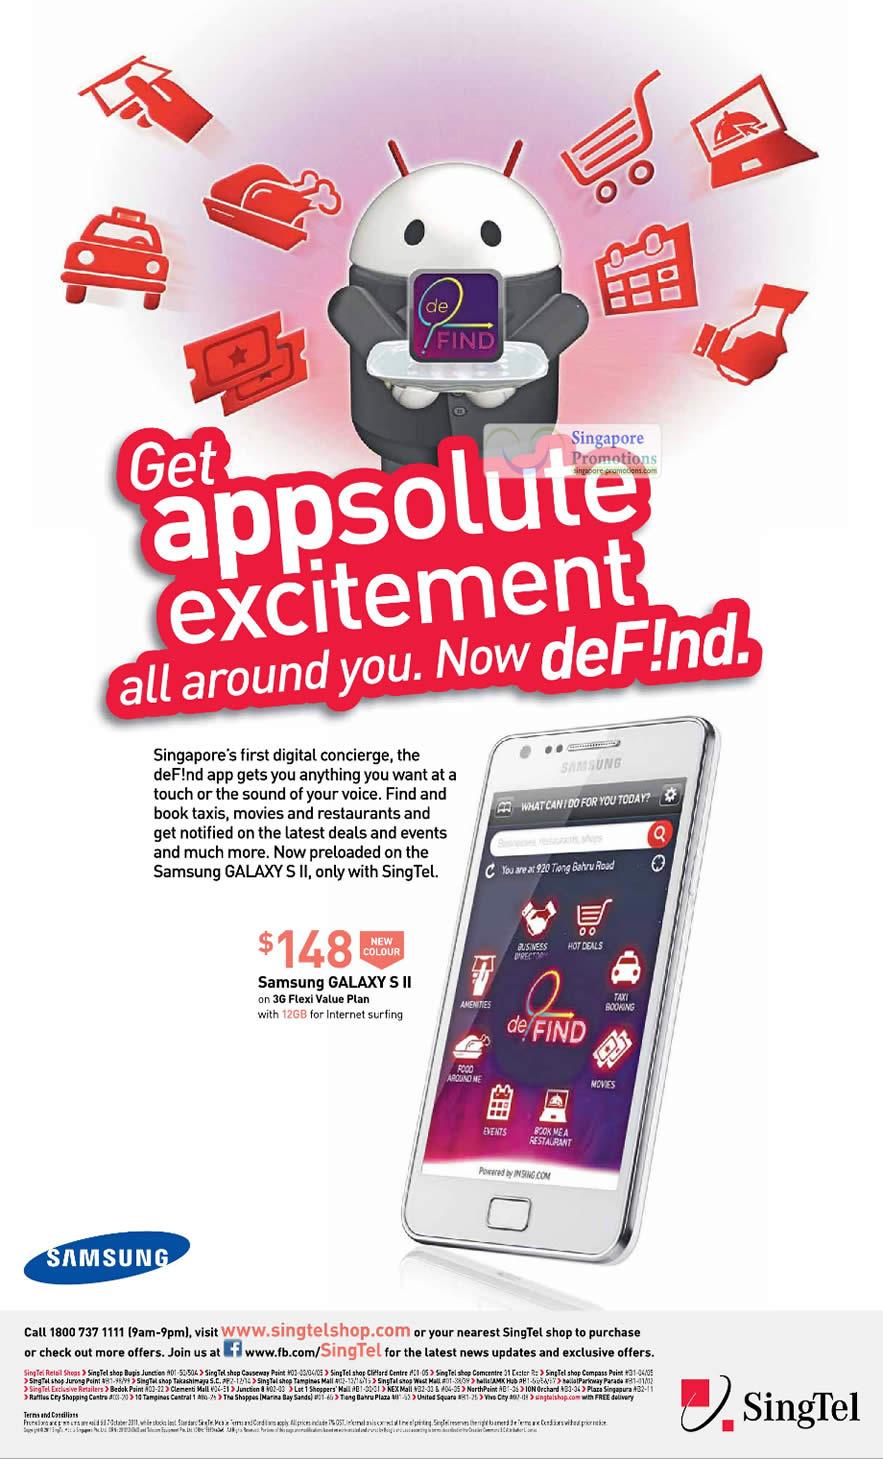 Samsung Galaxy S II White, DeFind App